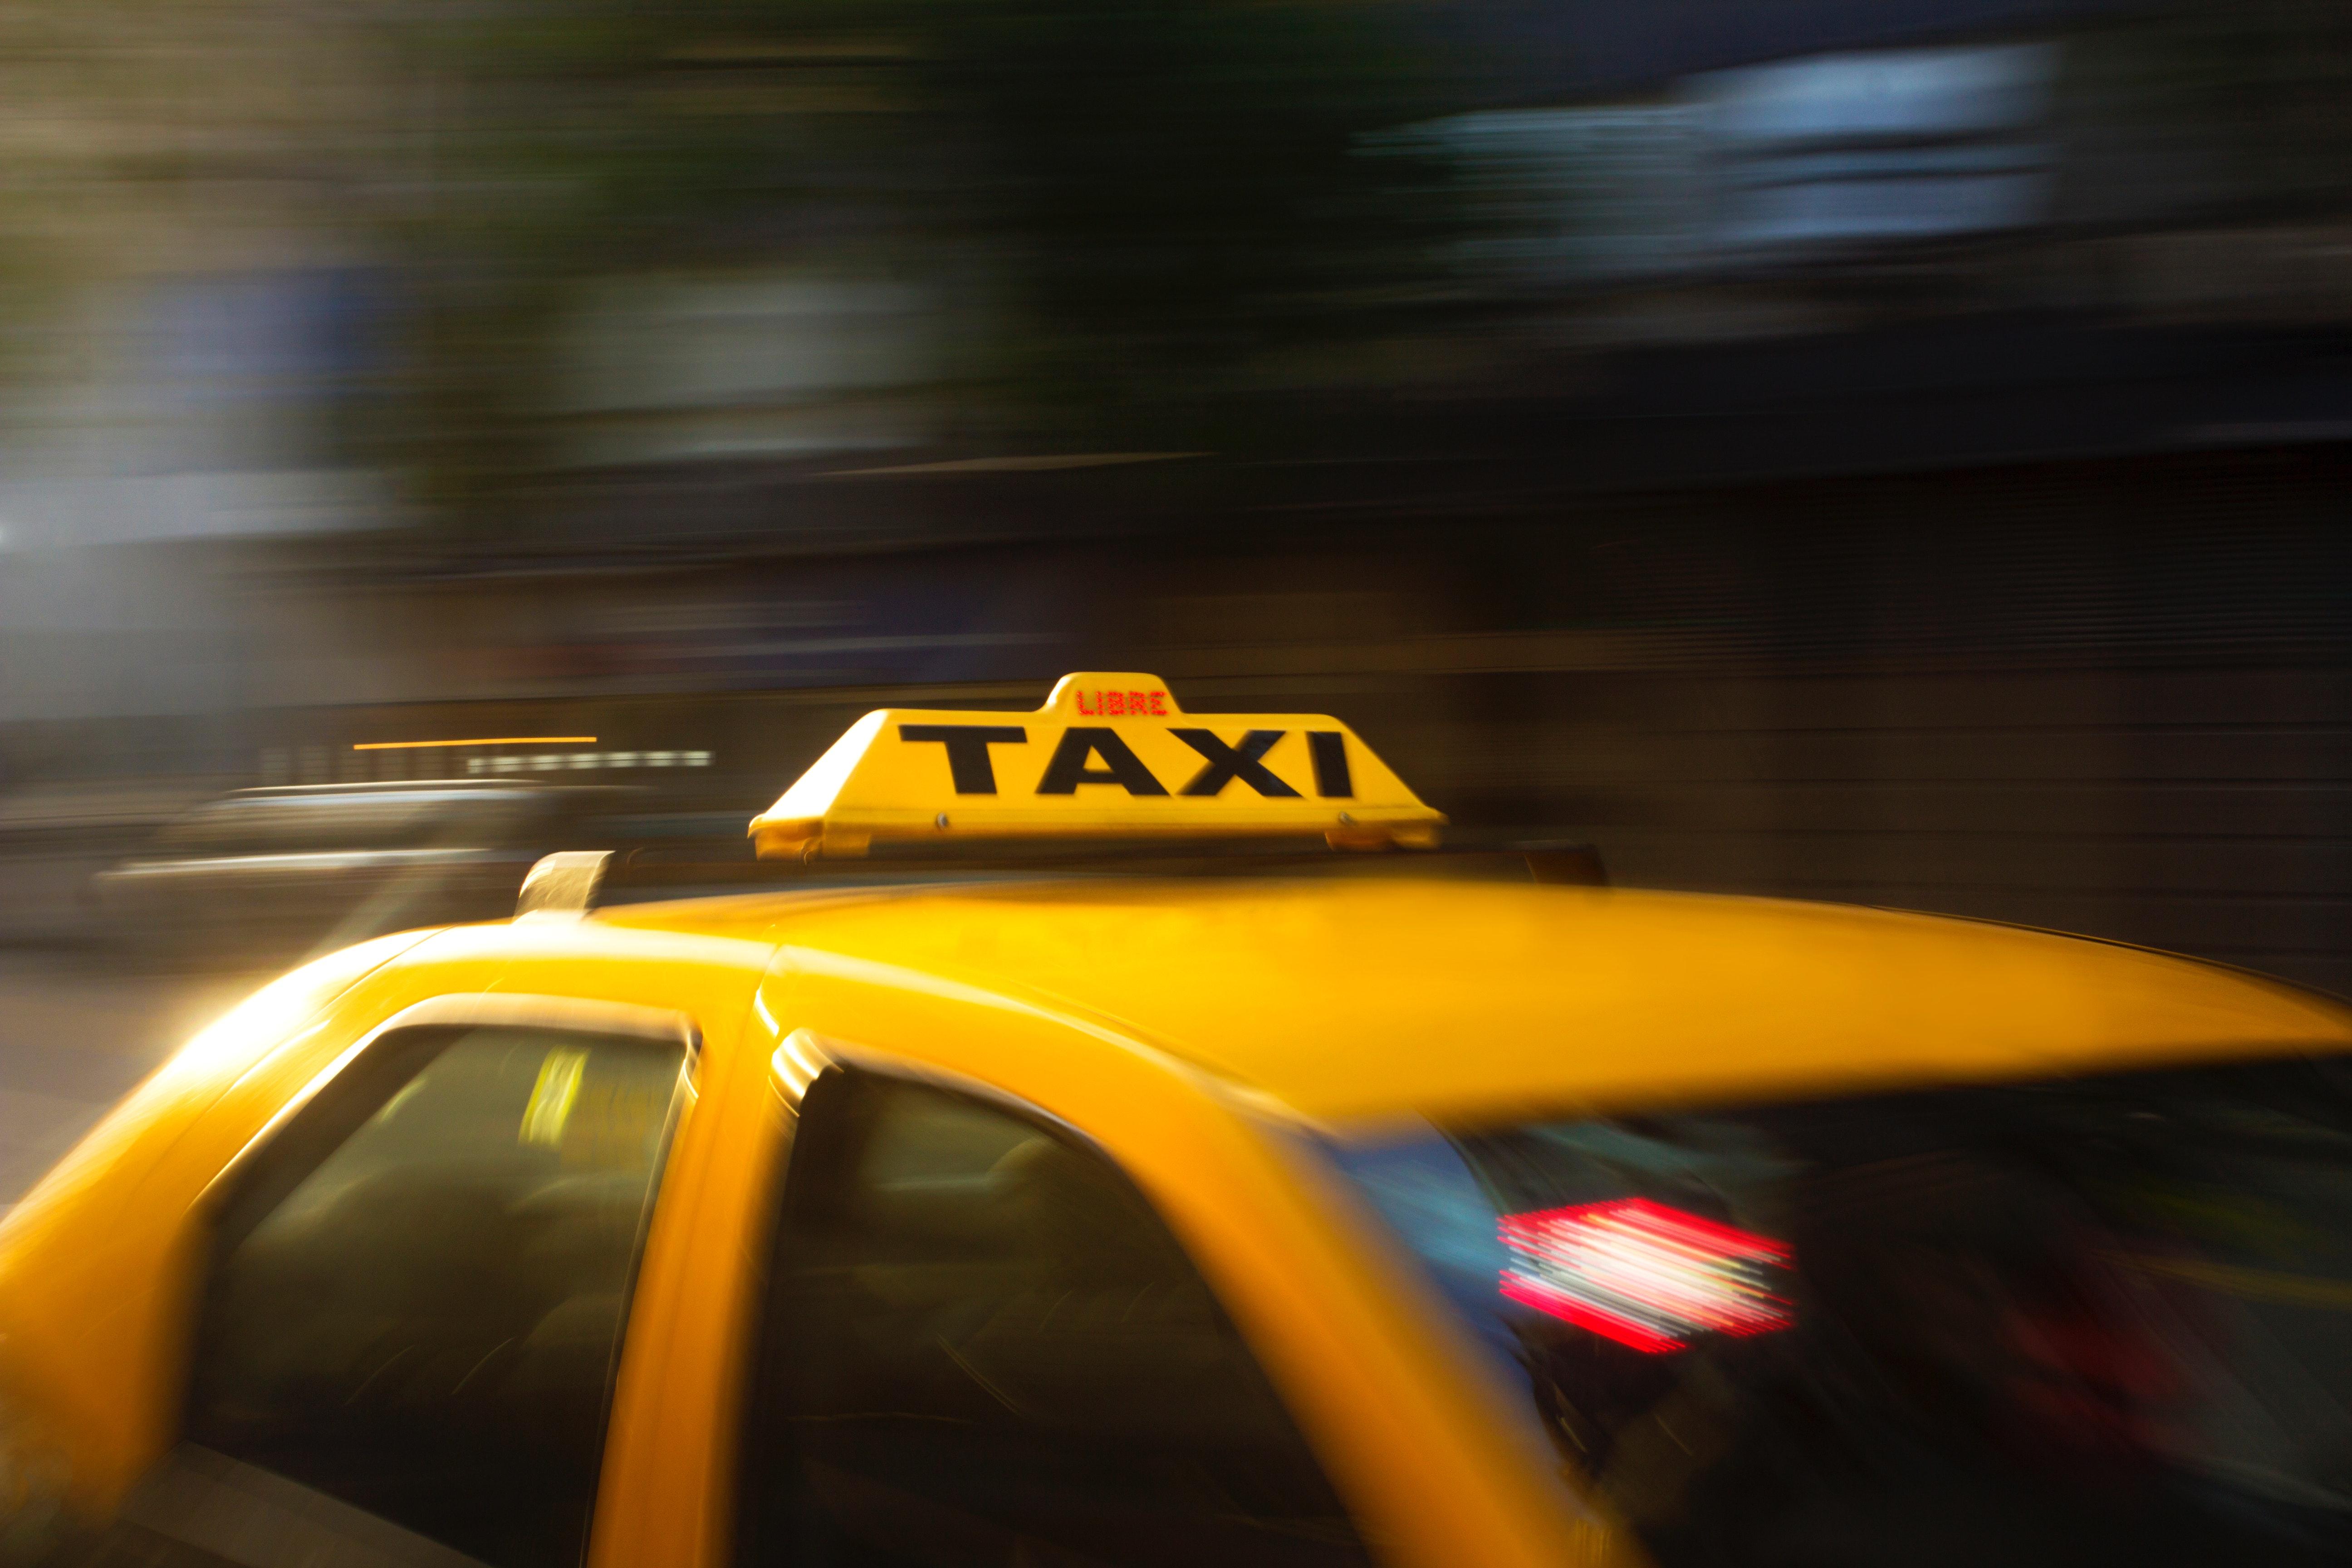 Darmowe Zdjęcia 4k Tapety Czynność Samochód Plama Taksówka